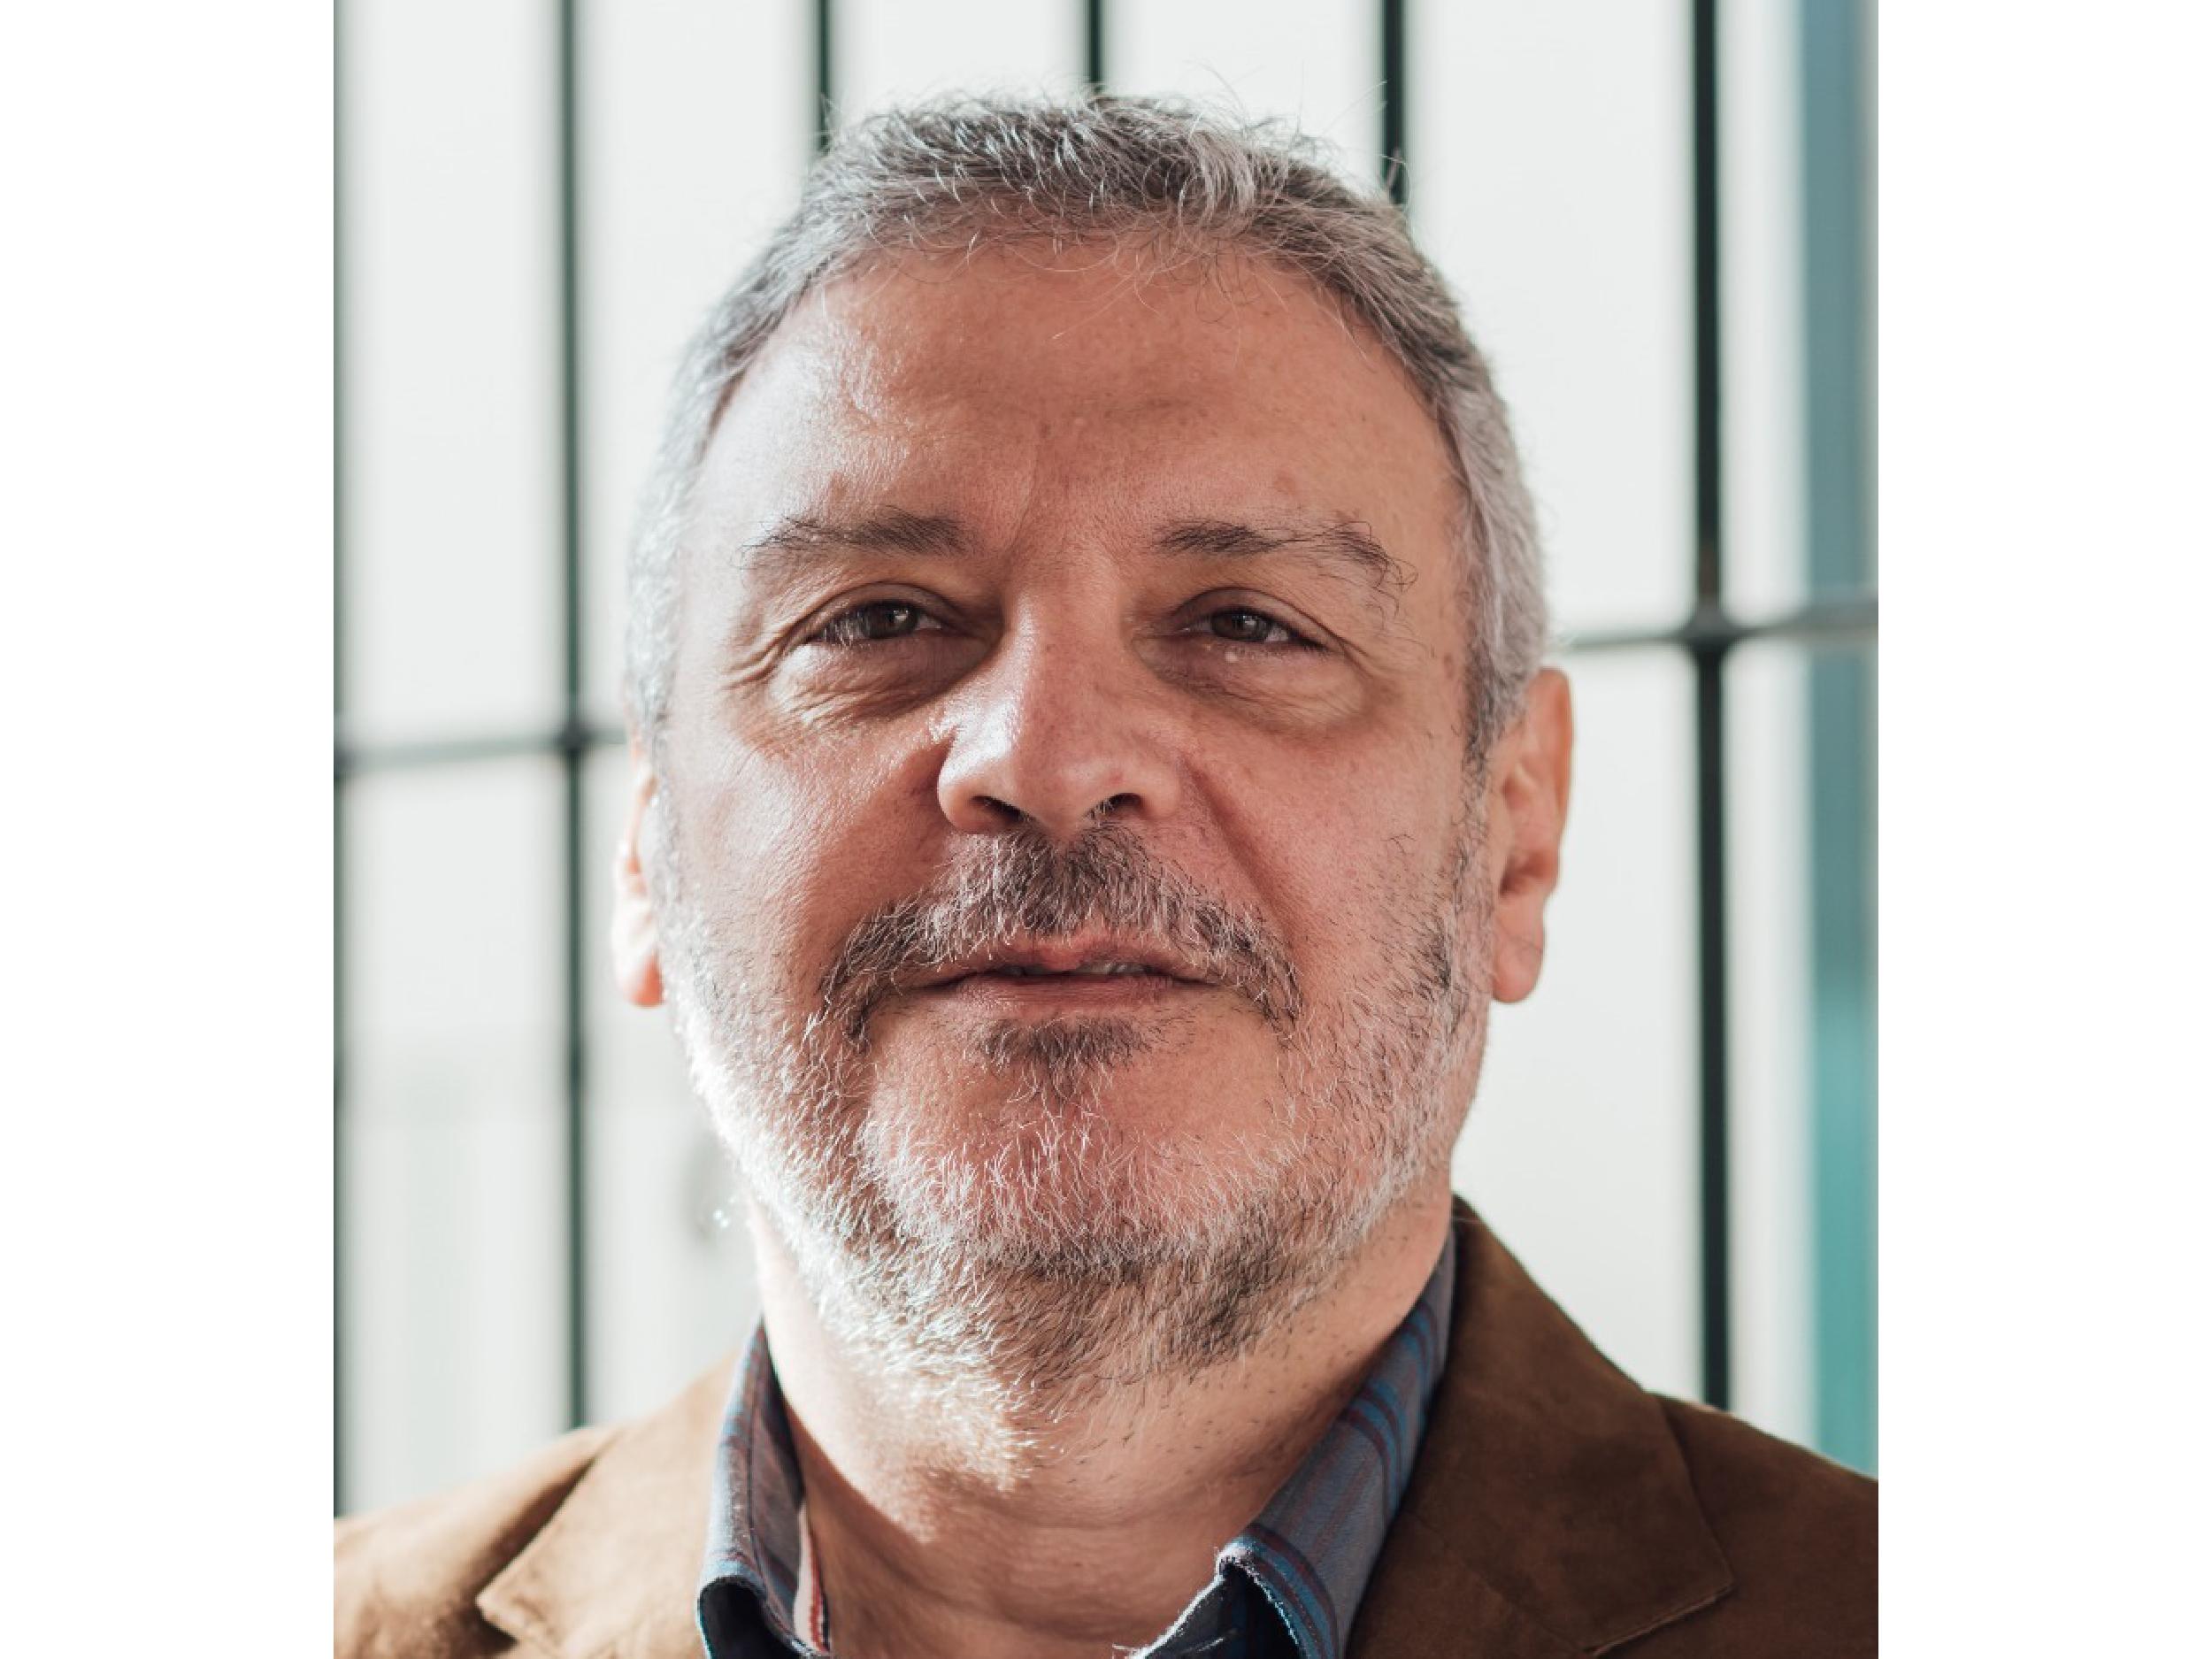 Roberto Avilia - Coach Organizacional y Comunicacional. Entrenador de Oradores y de equipos de alto rendimiento